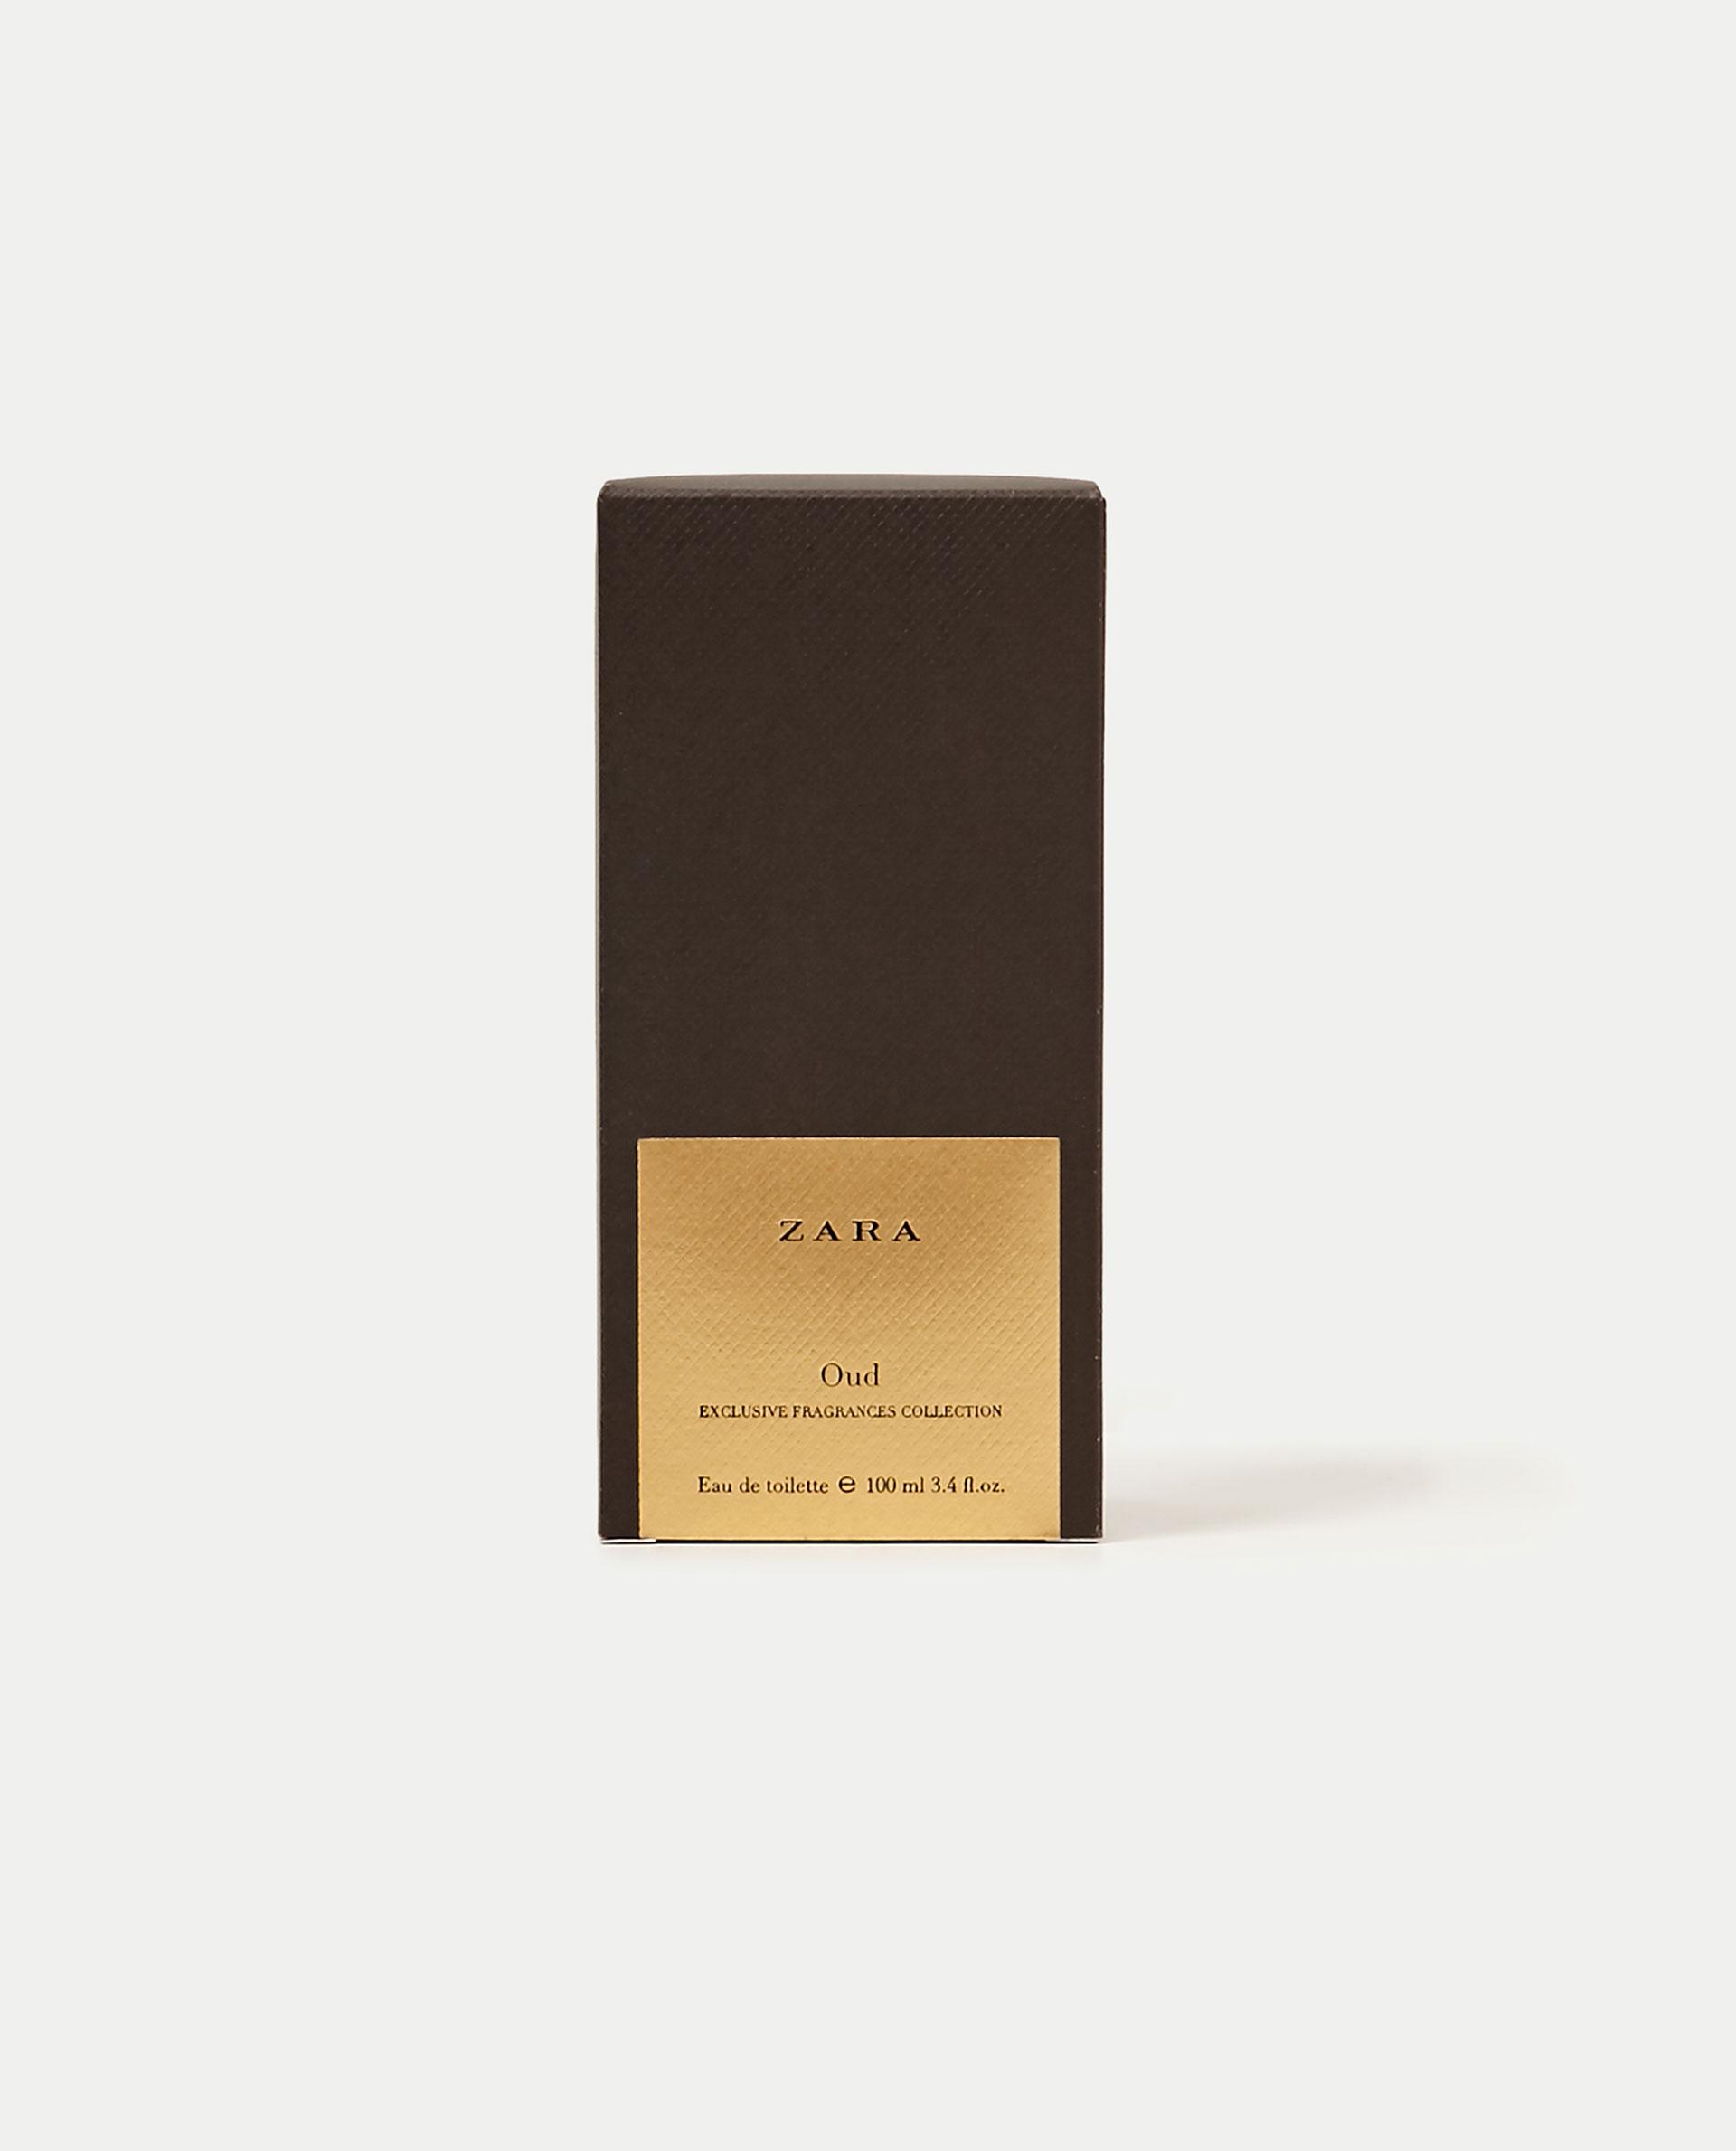 2014 Parfum Oud Zara Un Femme Pour bmYgvfI67y